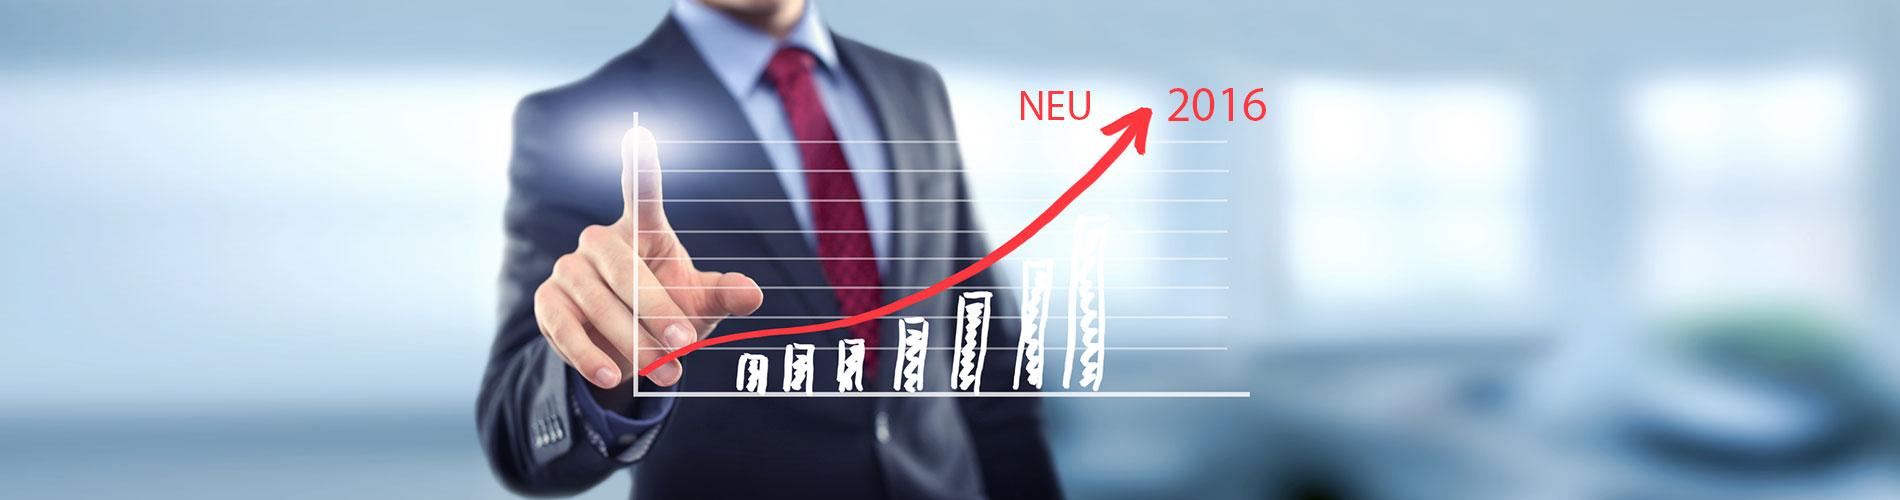 Schwellenwerte ab 2016 erhöht